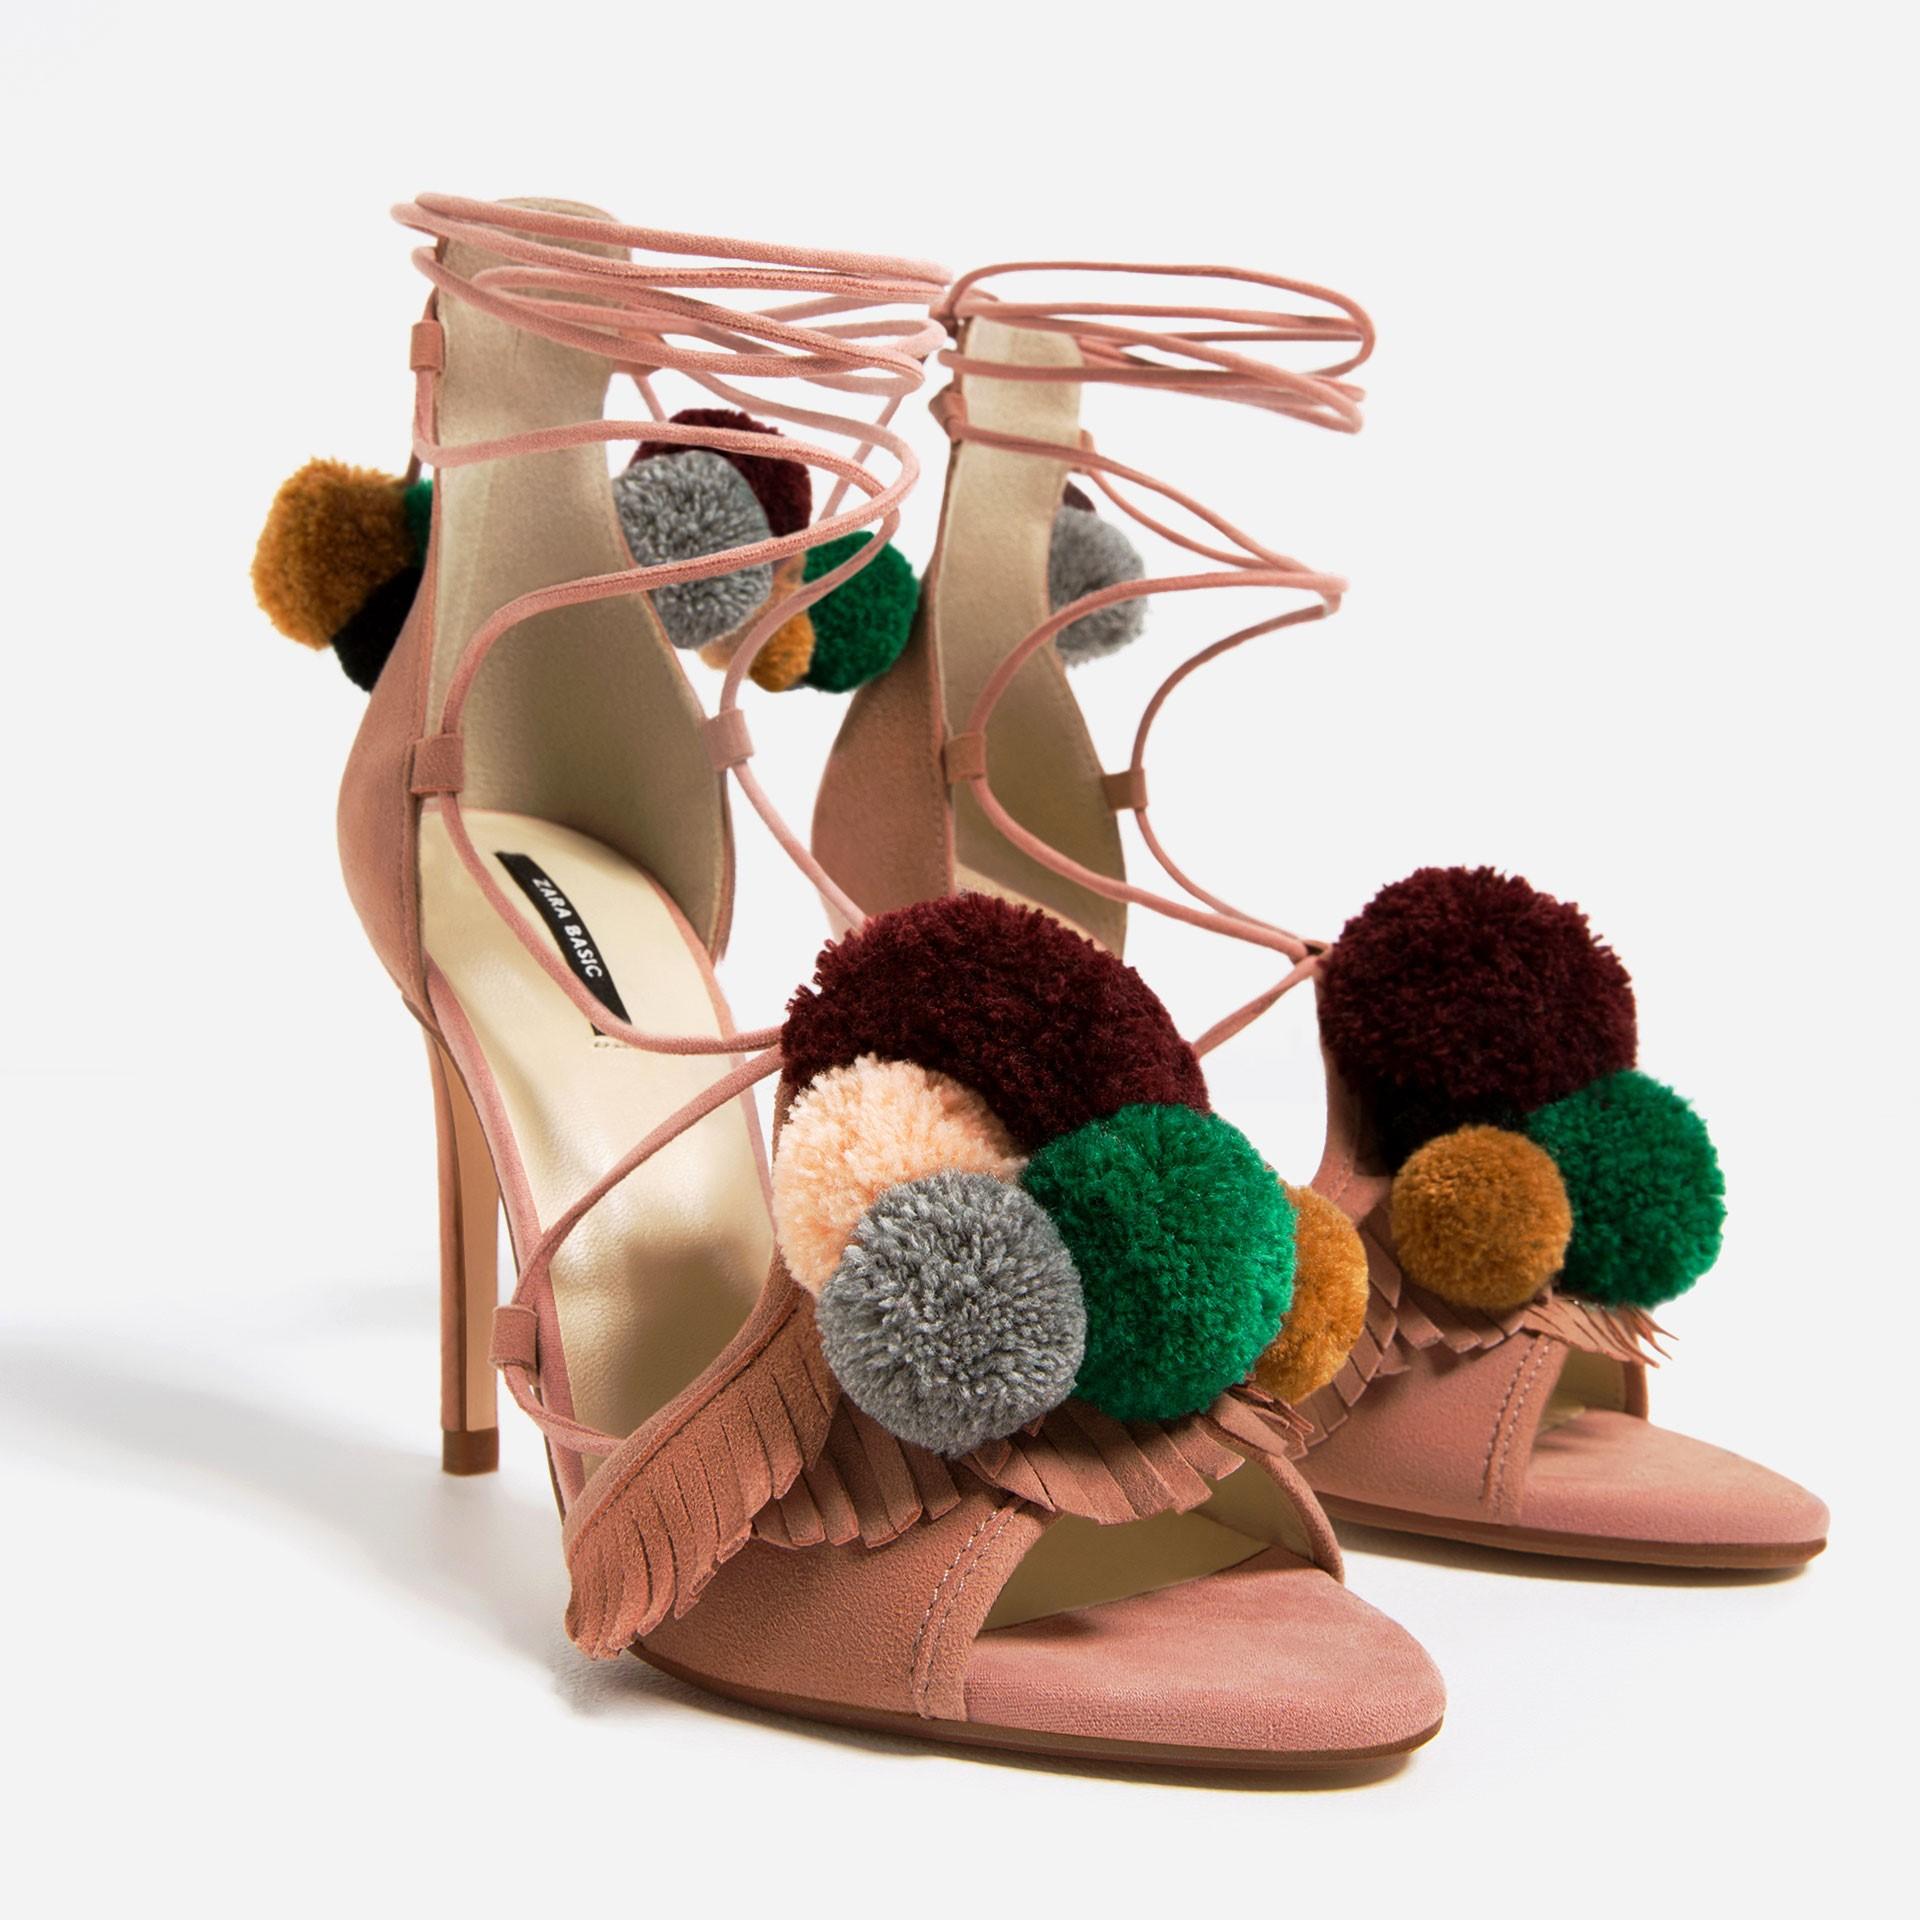 Zapatos Botasstilettos De Zara La Bailarinas Colección Dthqrsc Y hdtsQCr